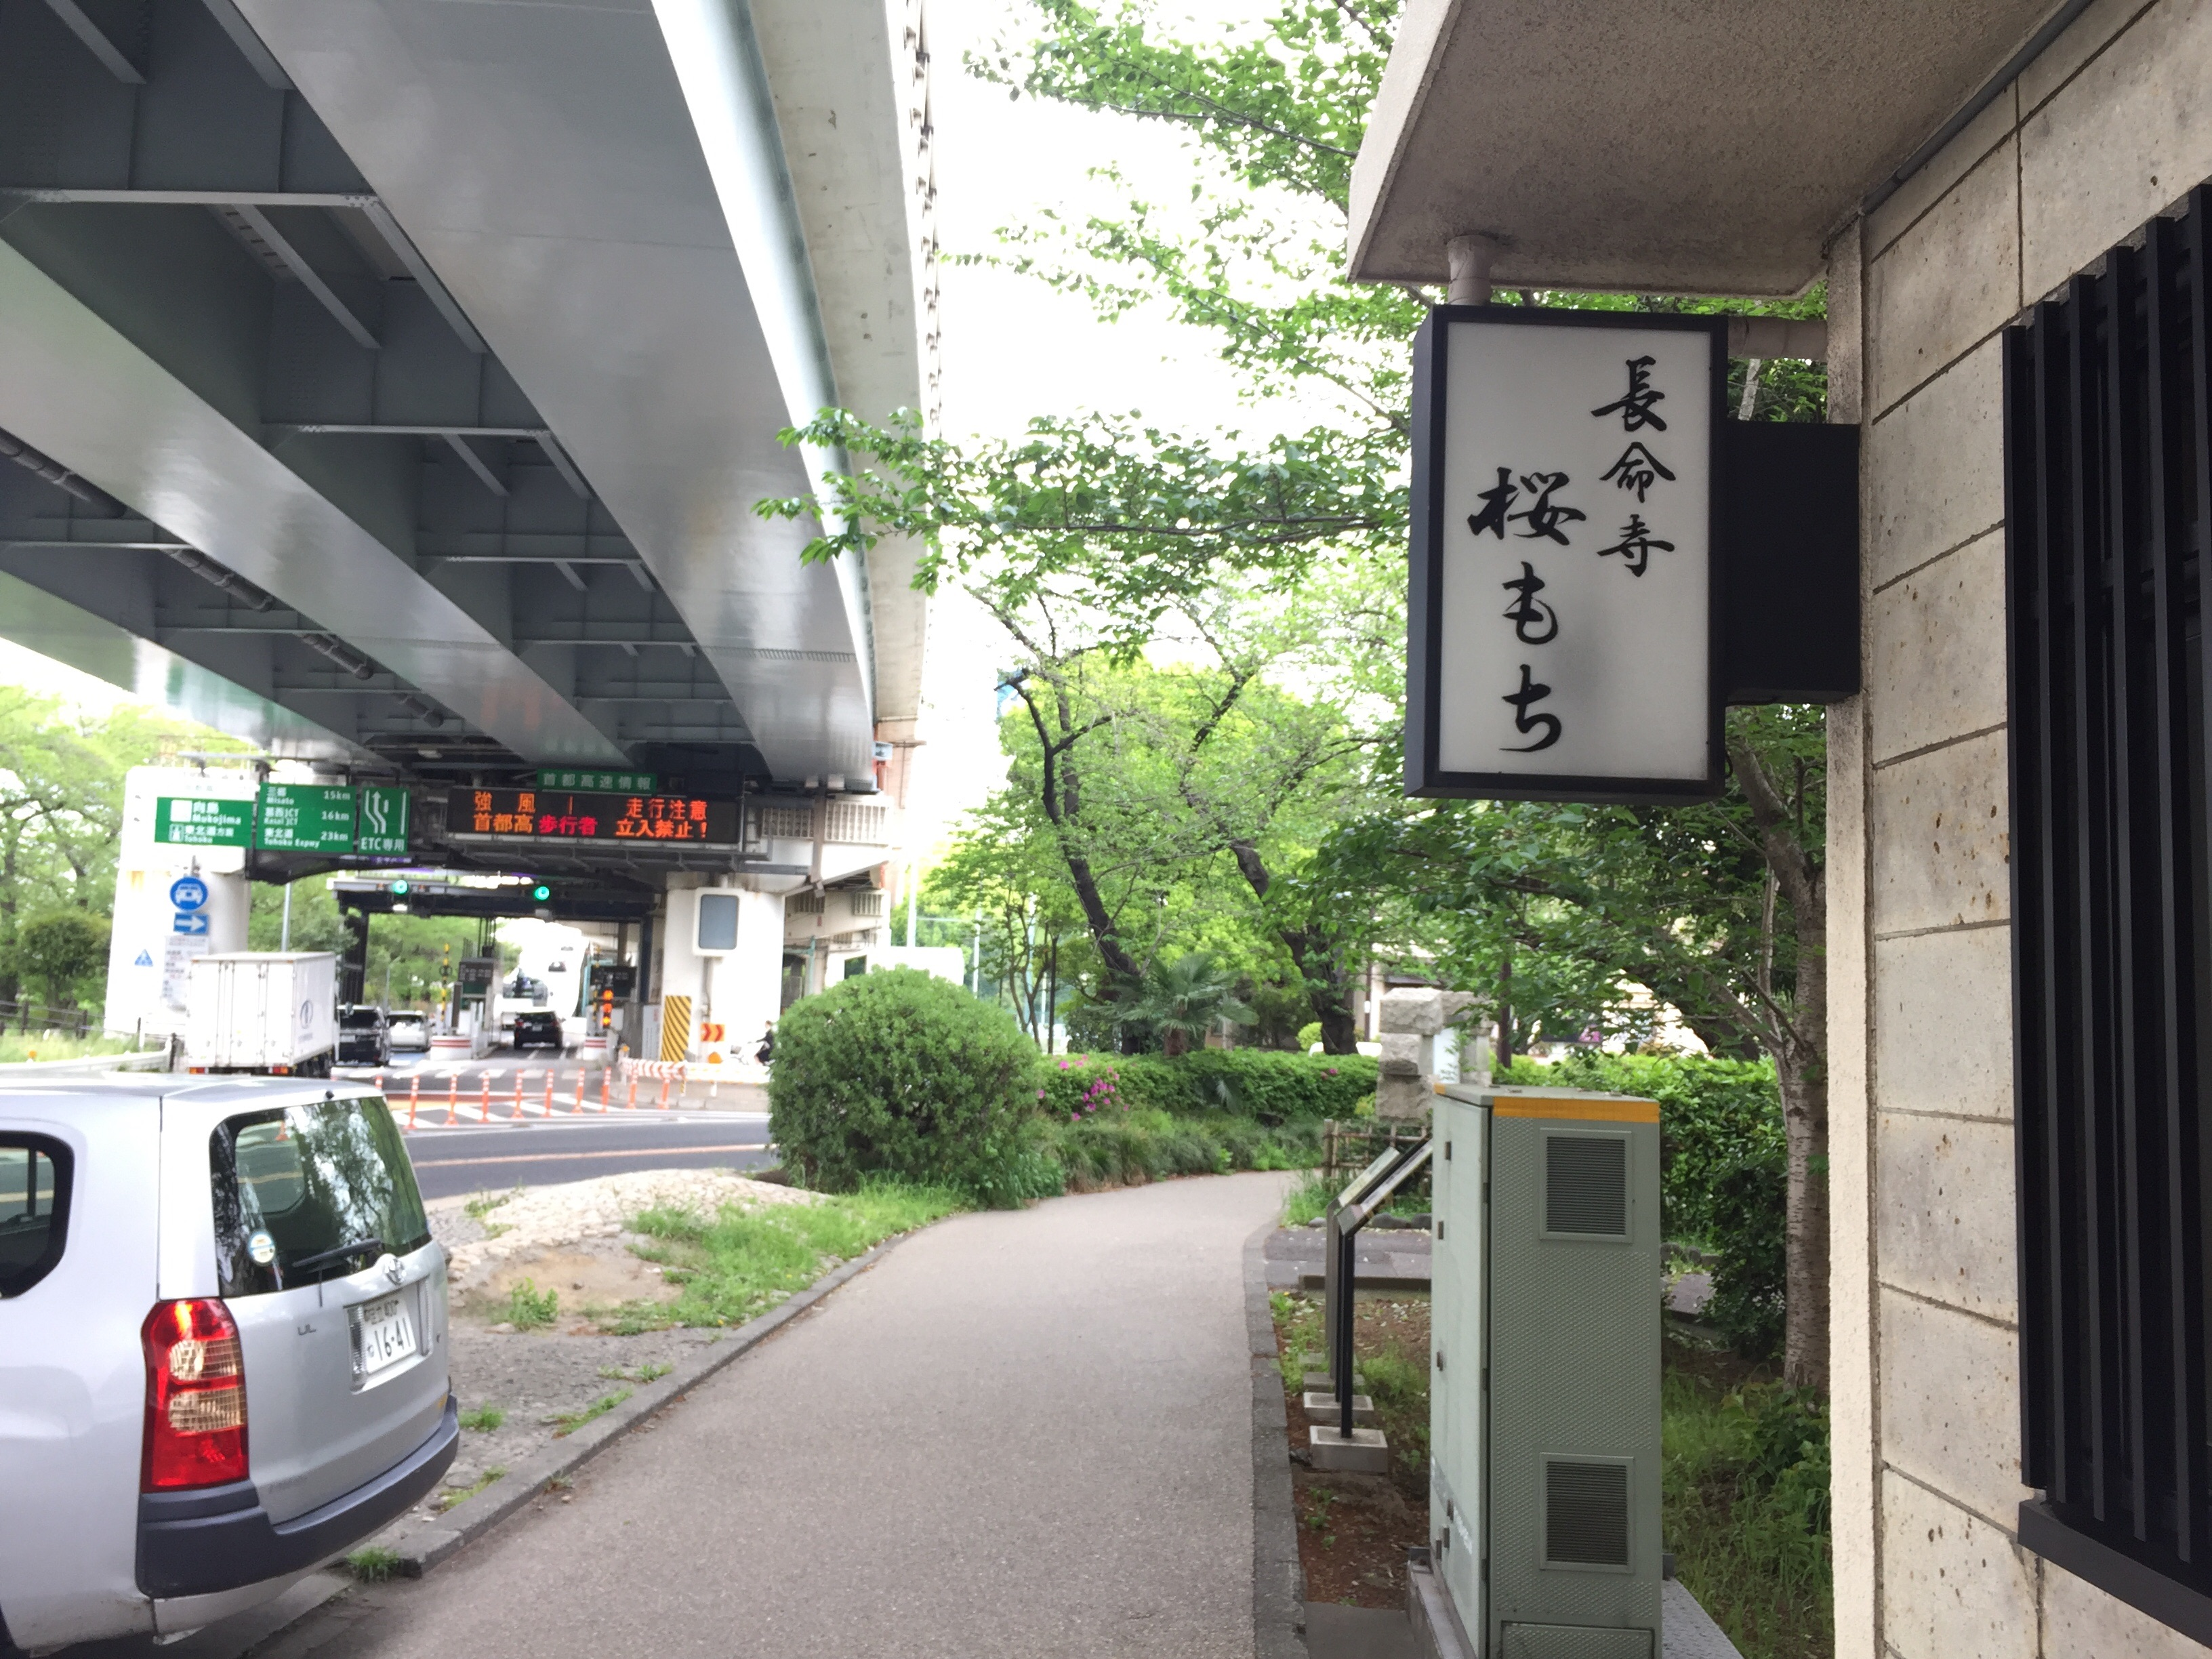 f:id:mfj_maap_jp:20170426234836j:image